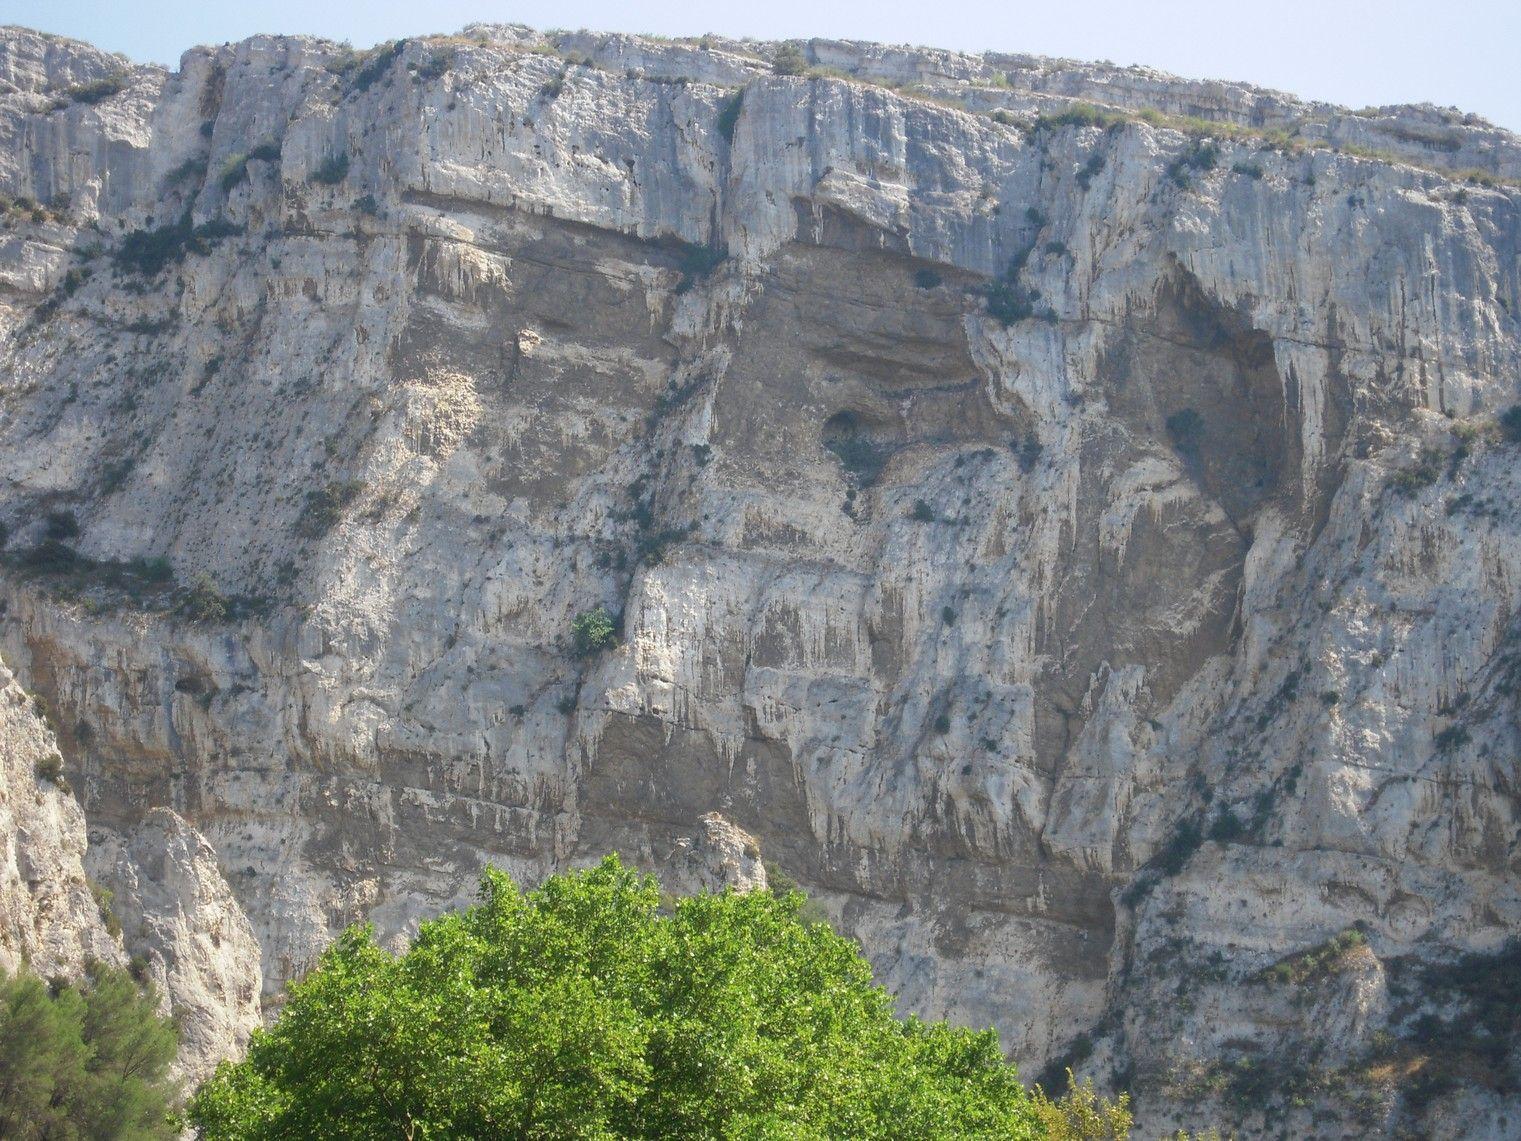 Fontaine du vaucluse for Distri center la montagne